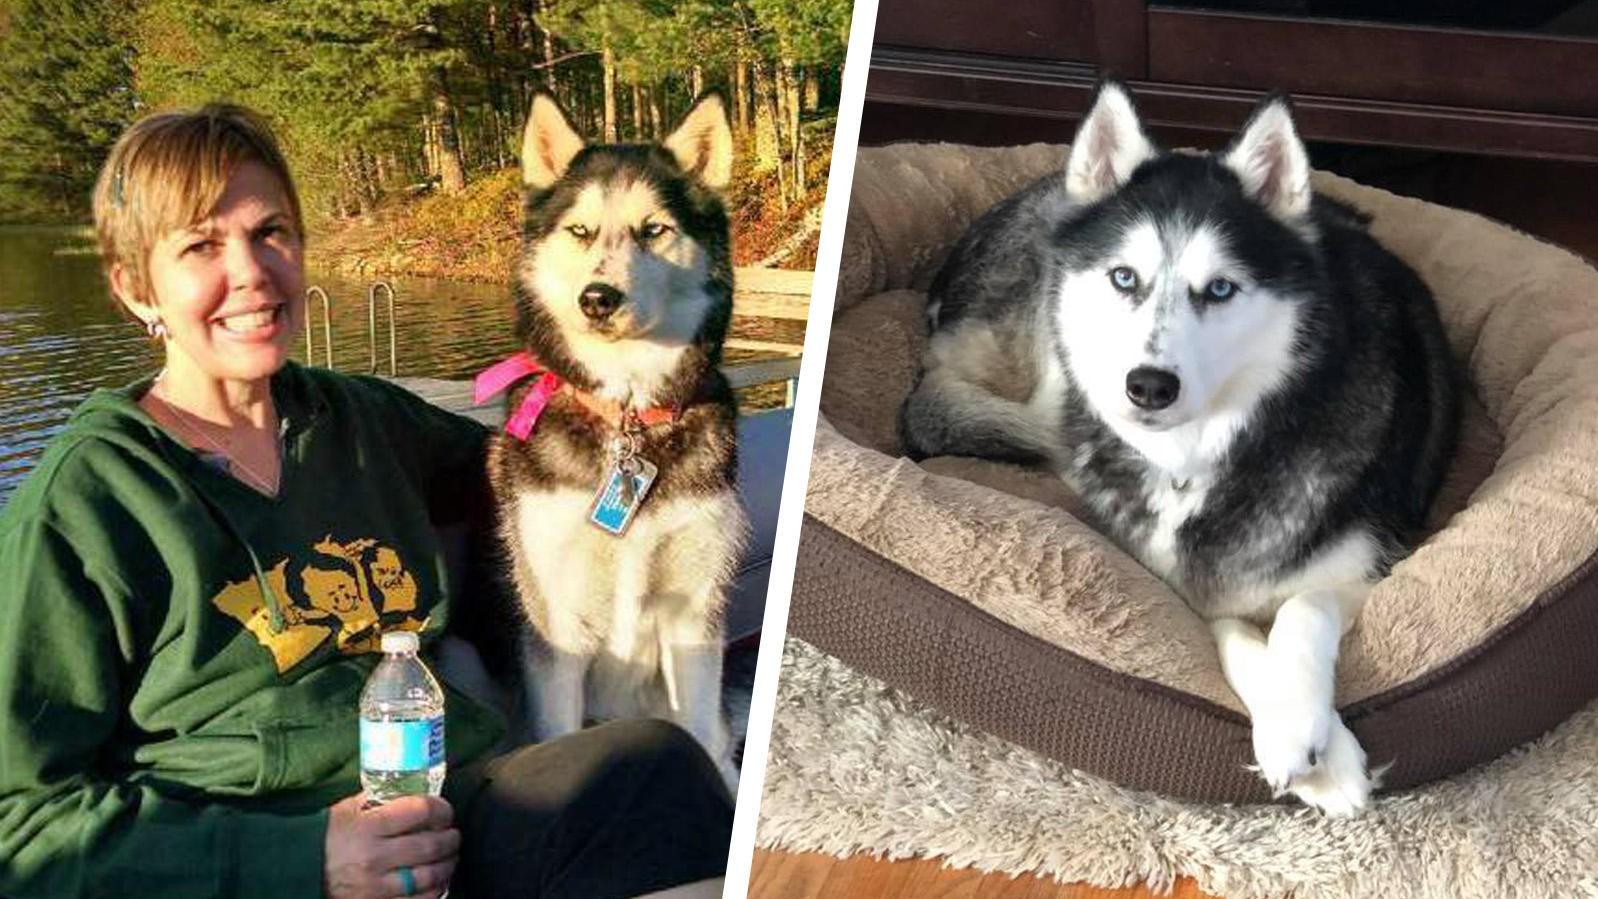 Chú chó Siberia Husky 3 lần phát hiện bệnh ung thư cứu sống chủ nhân của mình - Ảnh 2.